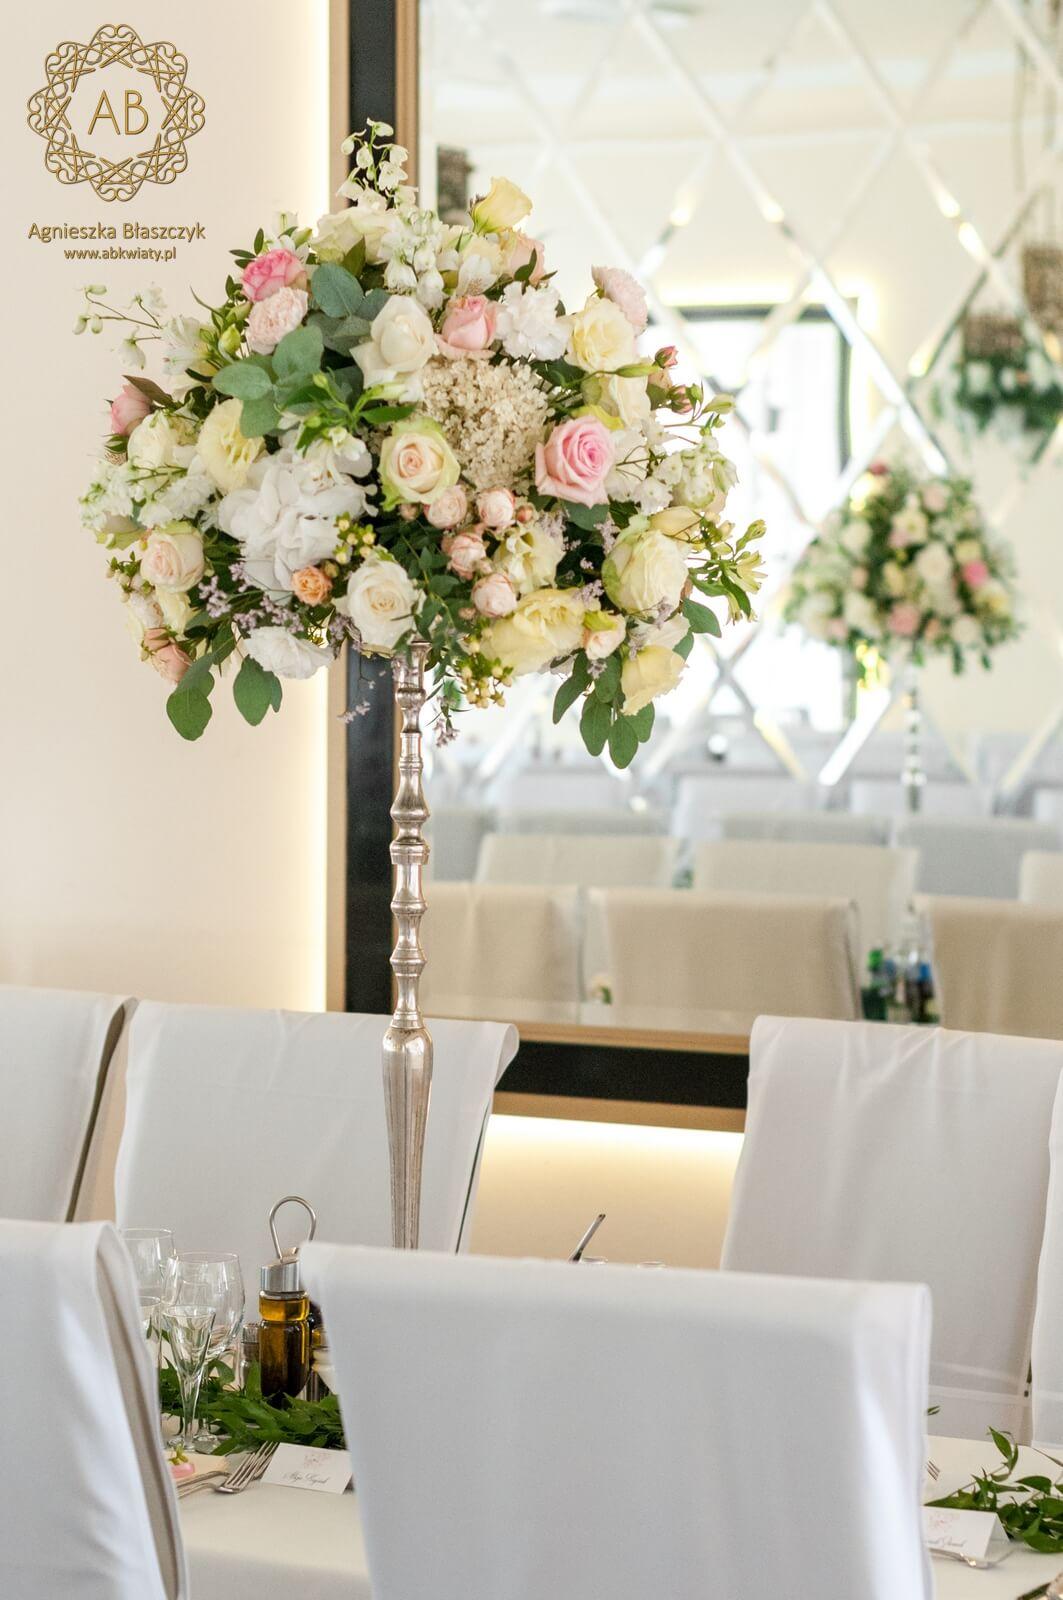 Pastelowa kompozycja na wysokim stojaku róża eustoma hortensja eukaliptus ABKwiaty Kraków